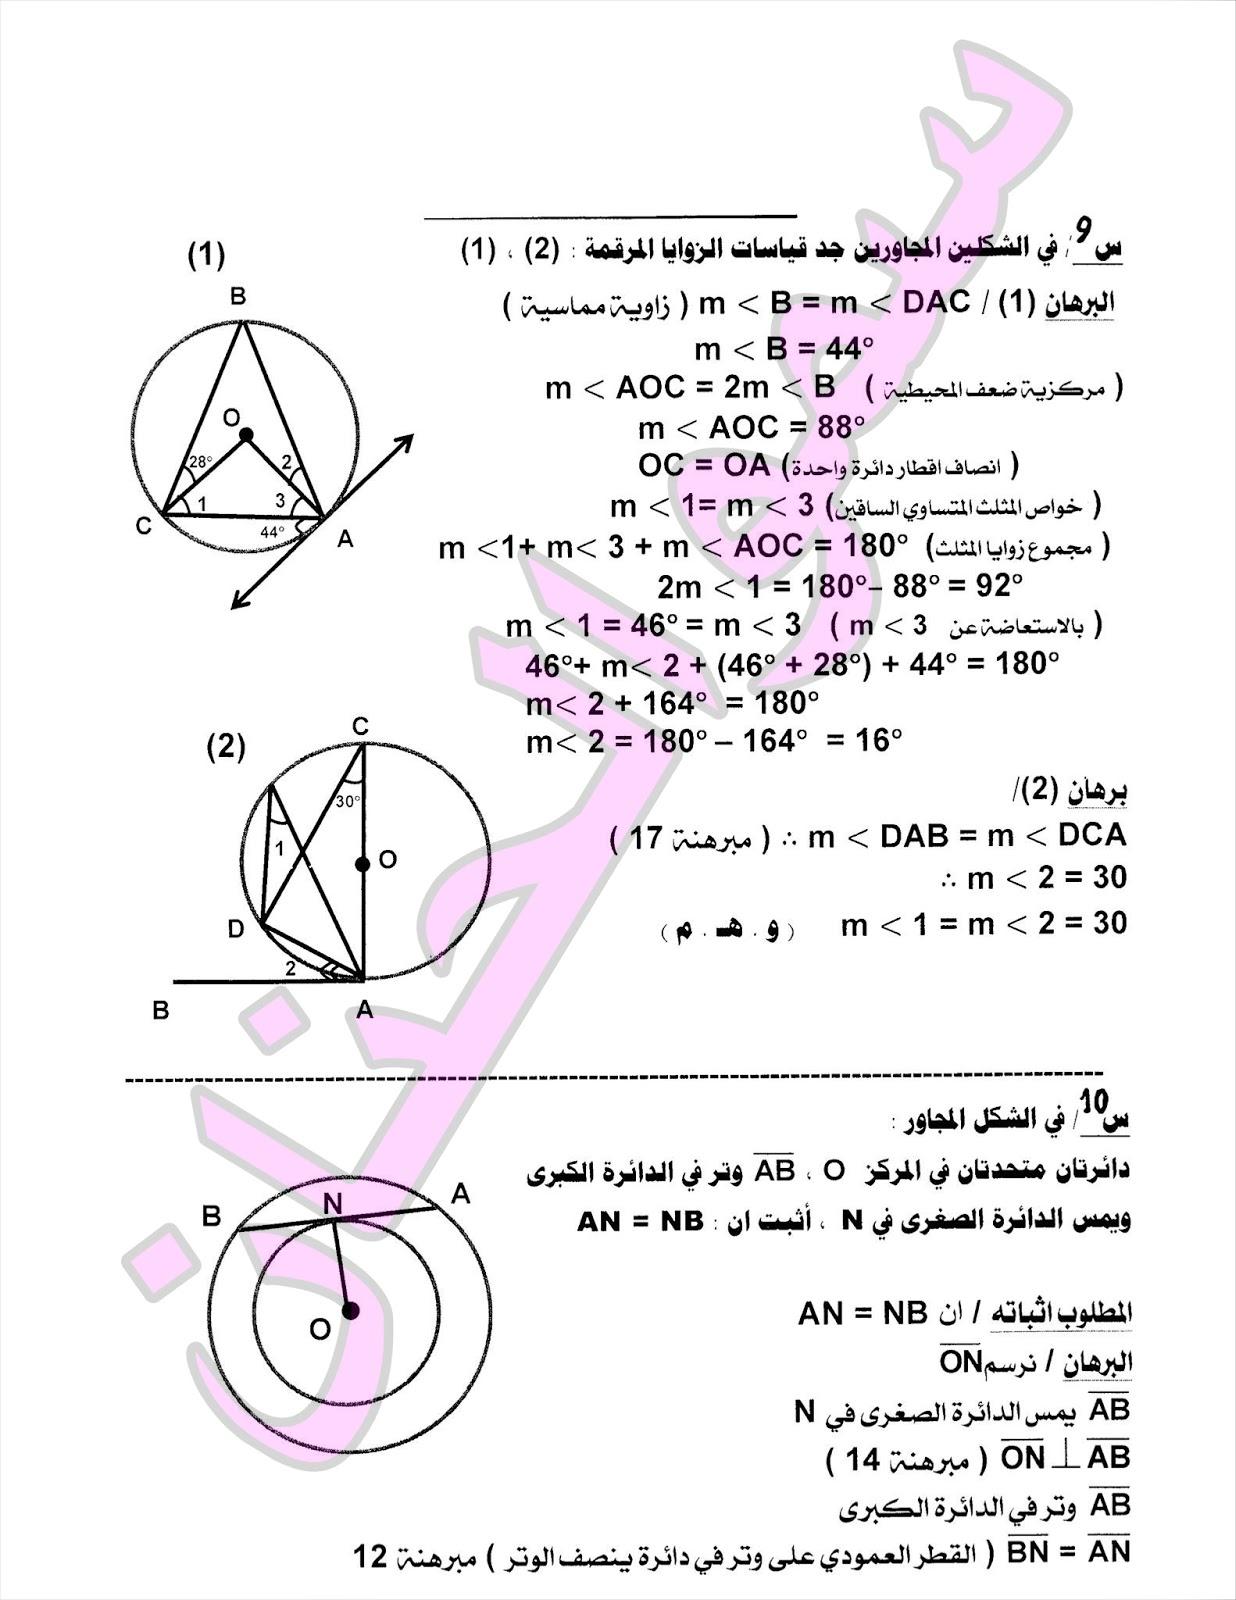 المراجعة المركزة وملخص لمادة الرياضيات للصف الثالث المتوسط 2017 | الجزء 3 2110